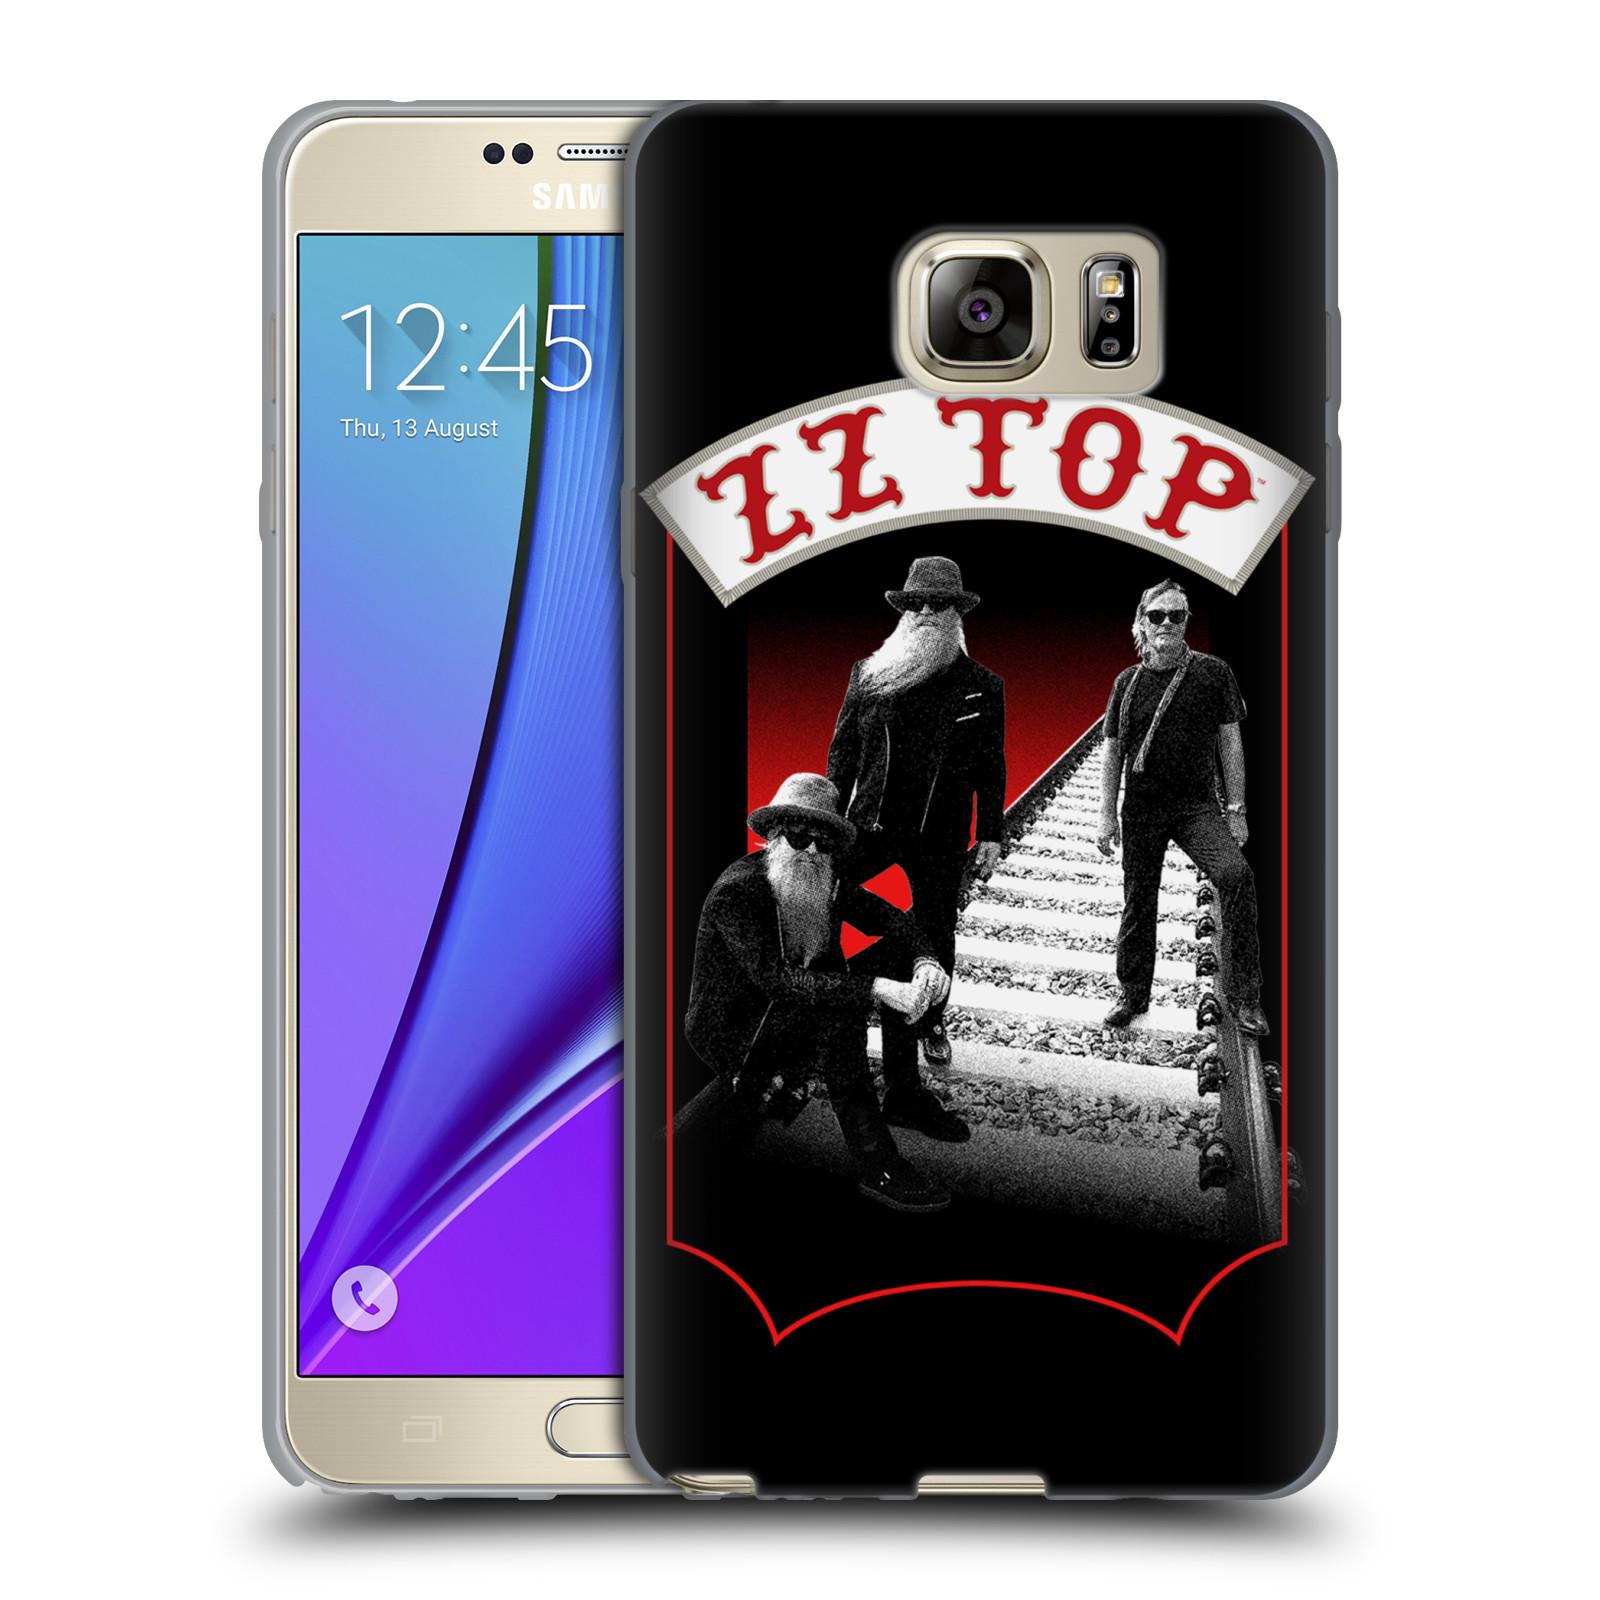 HEAD CASE silikonový obal na mobil Samsung Galaxy Note 5 ZZ Top koleje zpěváci